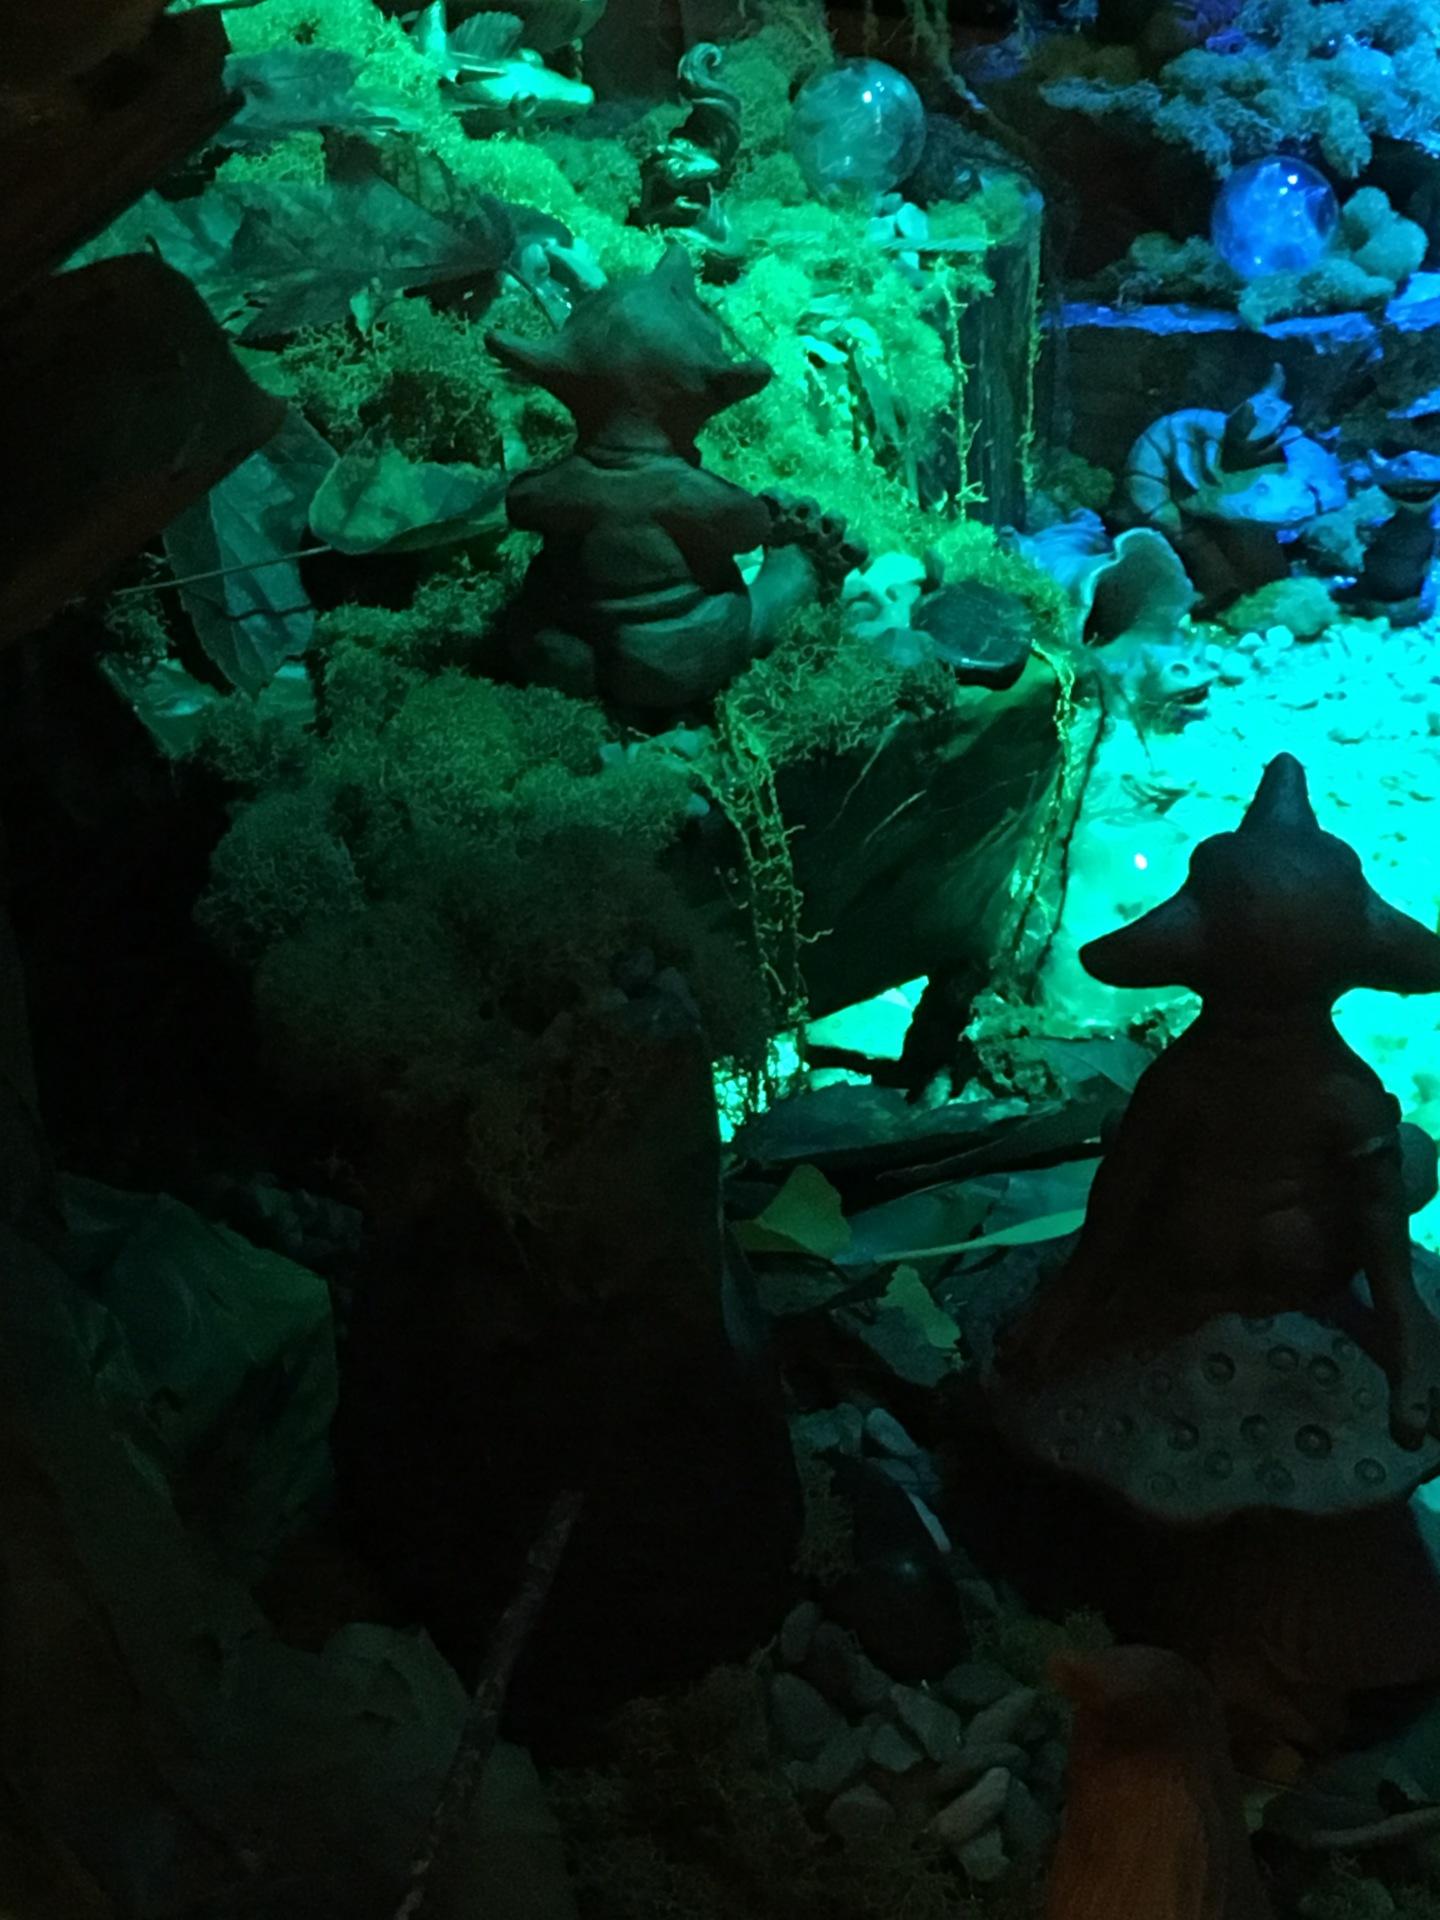 mushroom elves, flower orb elves, science fiction sculpture, by cindi hardwicke